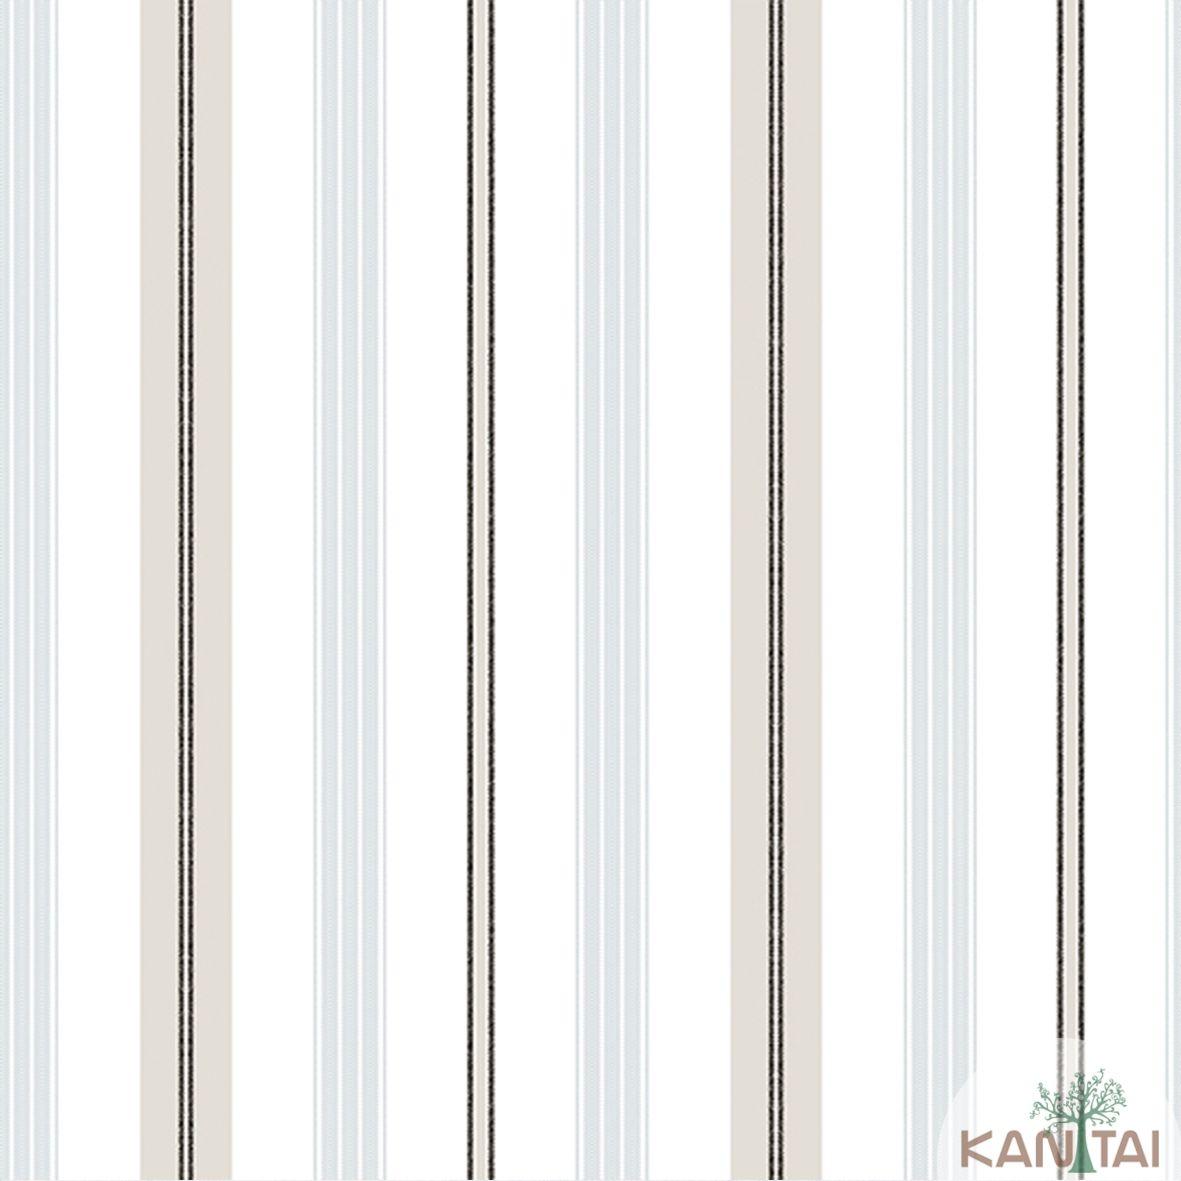 Papel de Parede Importado  Kan Tai  TNT Coleção Davinci II Listras Marfim, Tons de Cinza Claro, Preto